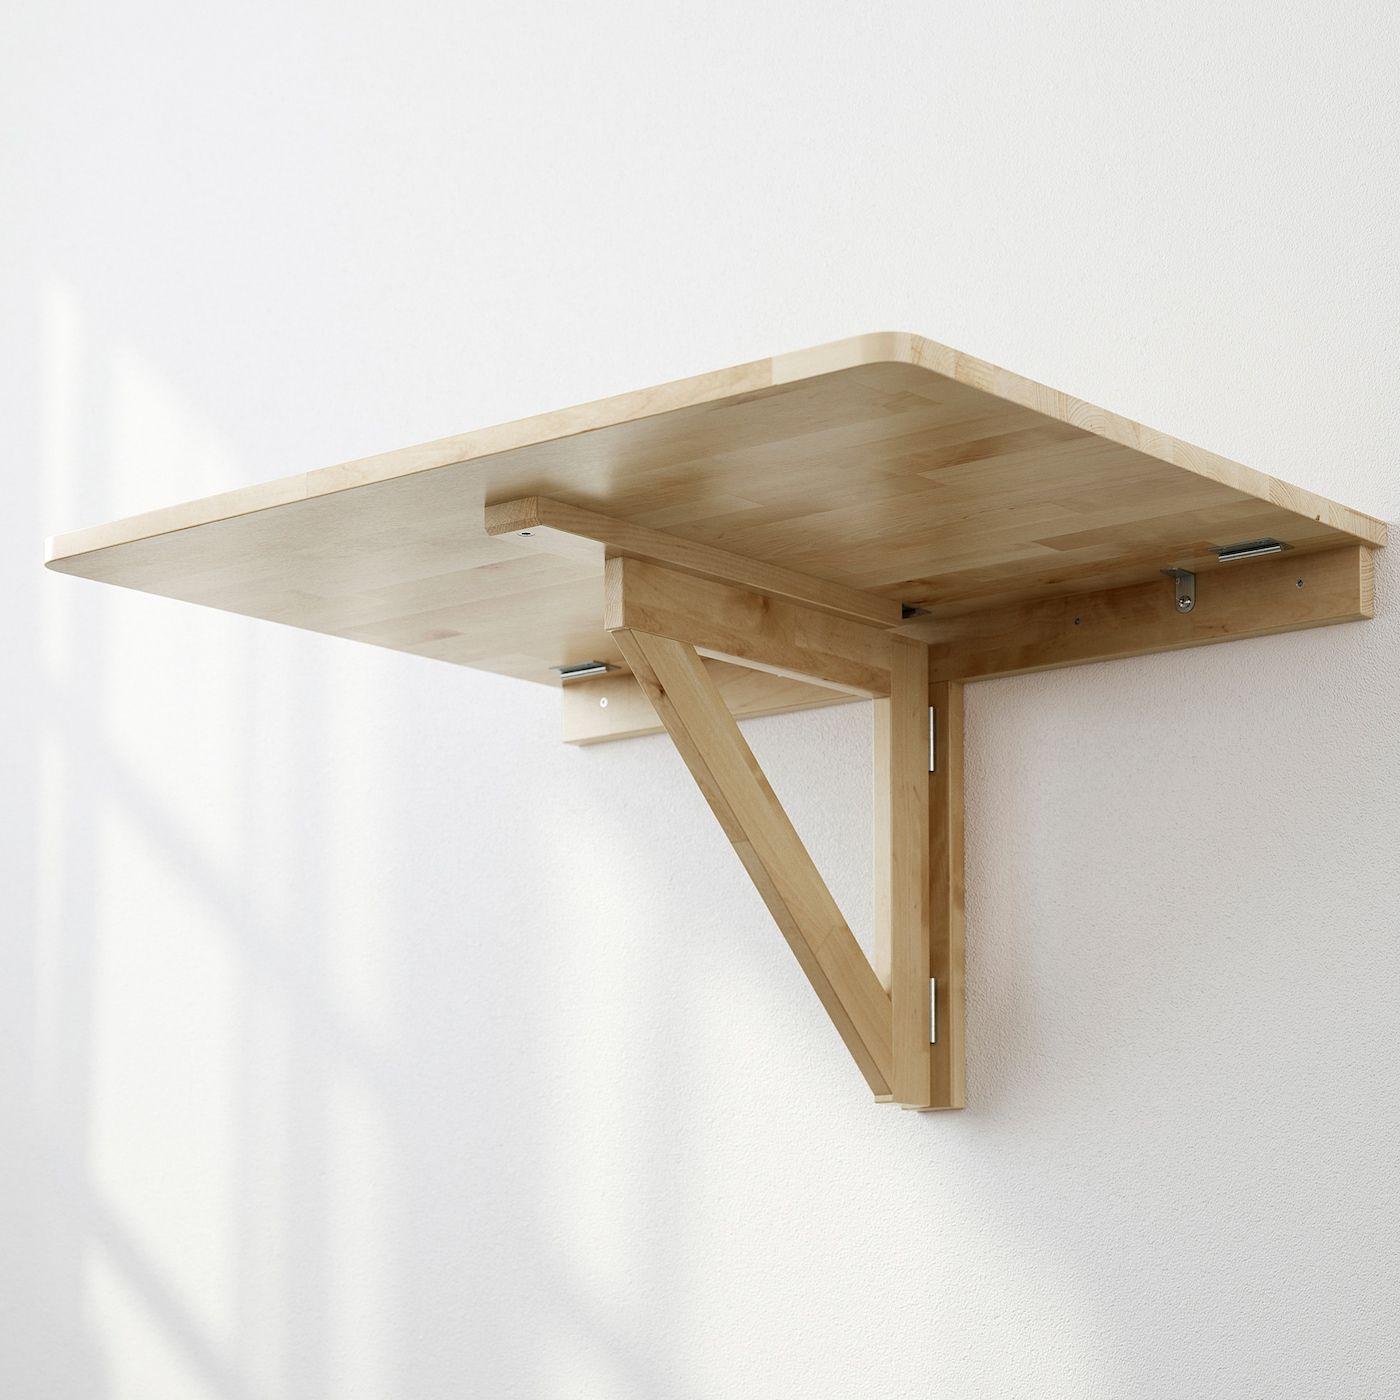 Norbo Wandklapptisch Birke In 2020 Wandklapptisch Tisch Und